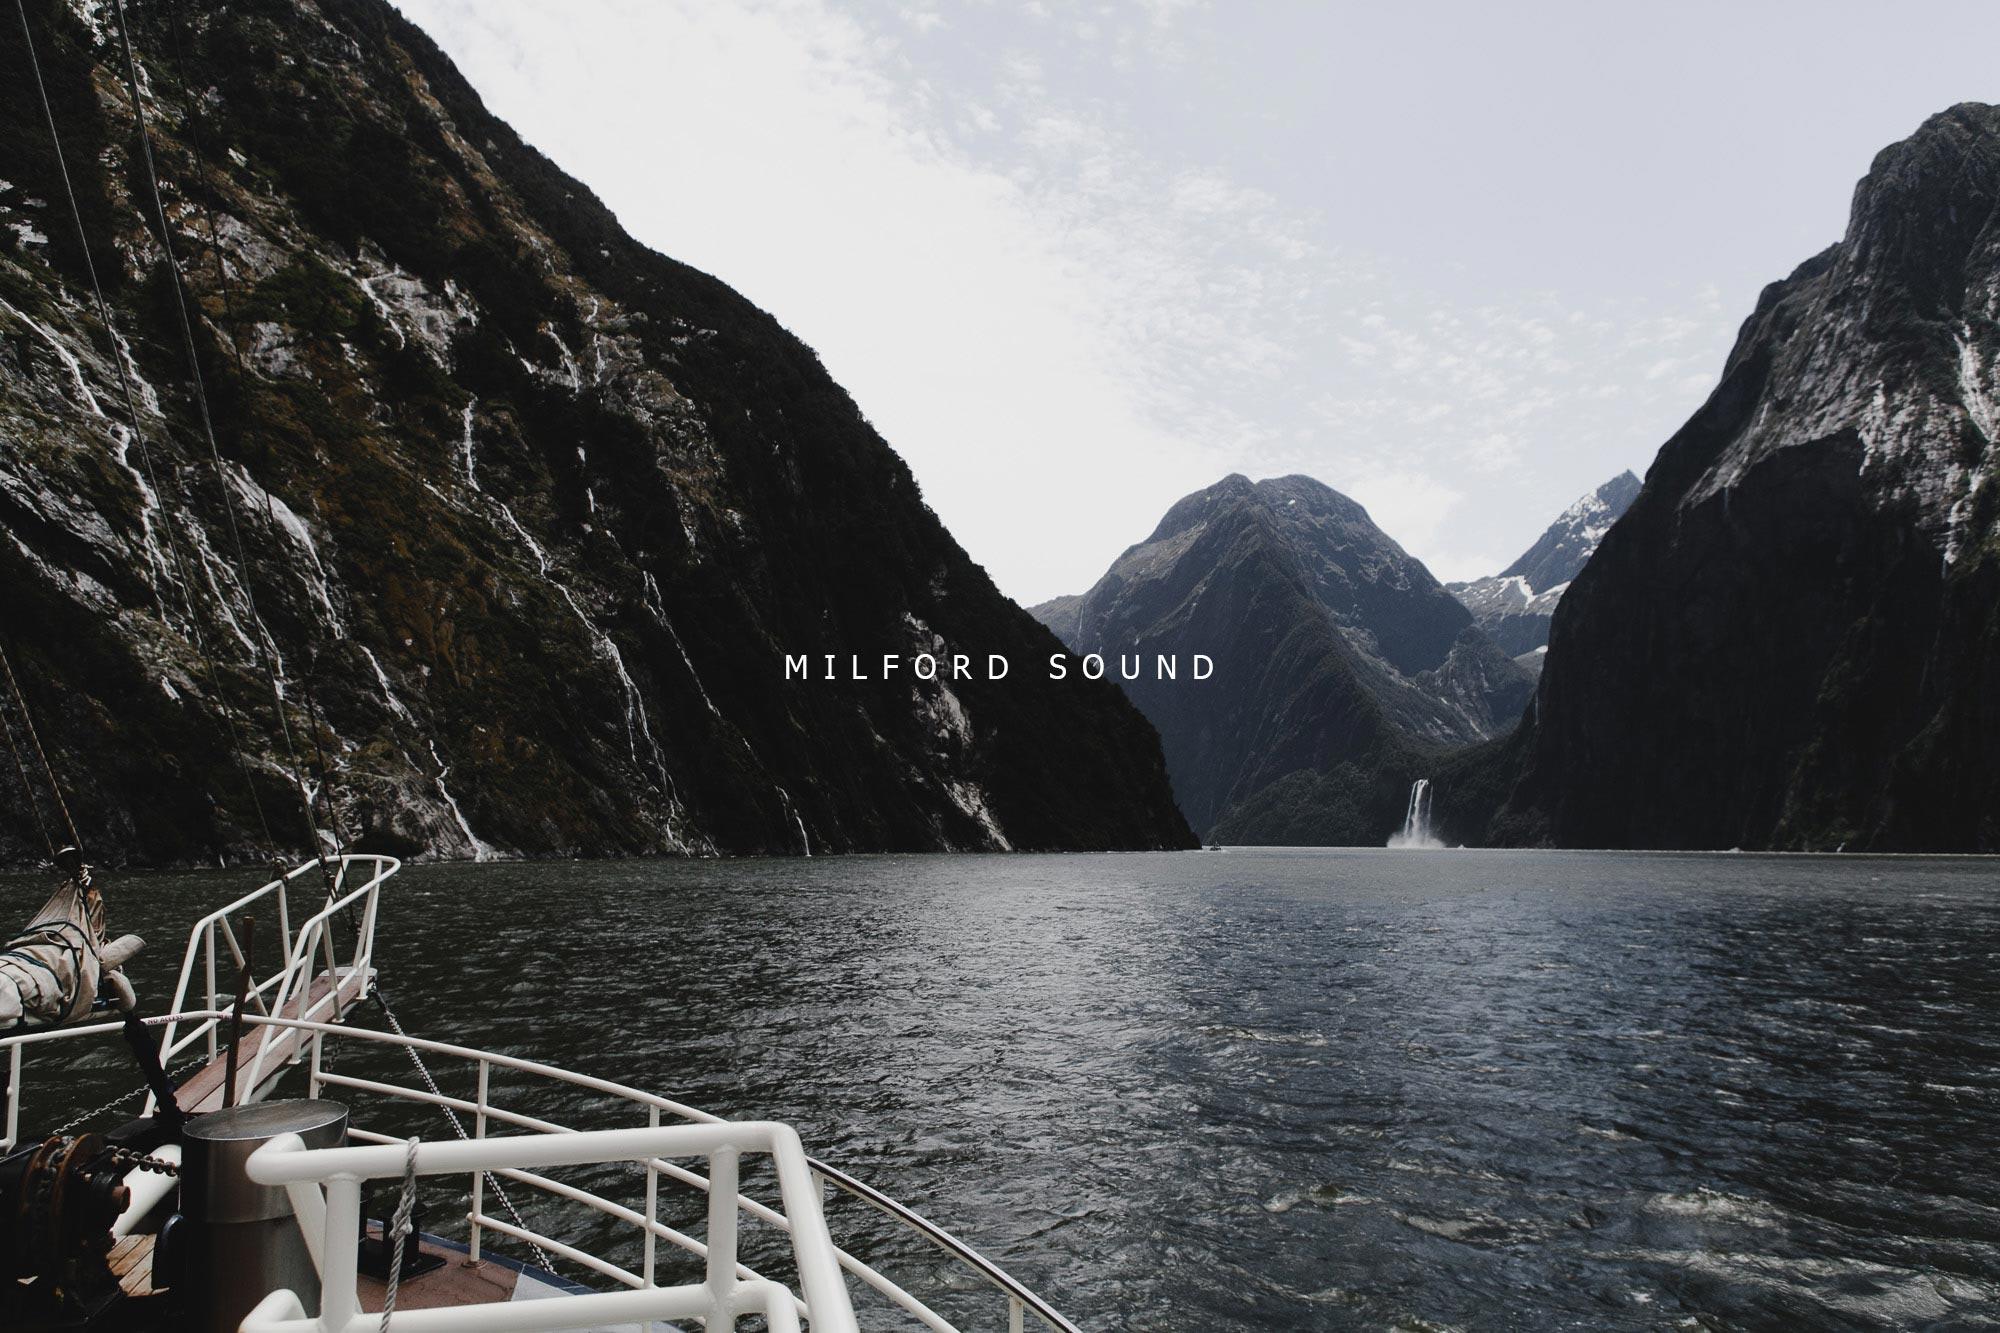 milford-sound-new-zealand-jysla-kay-001.jpg